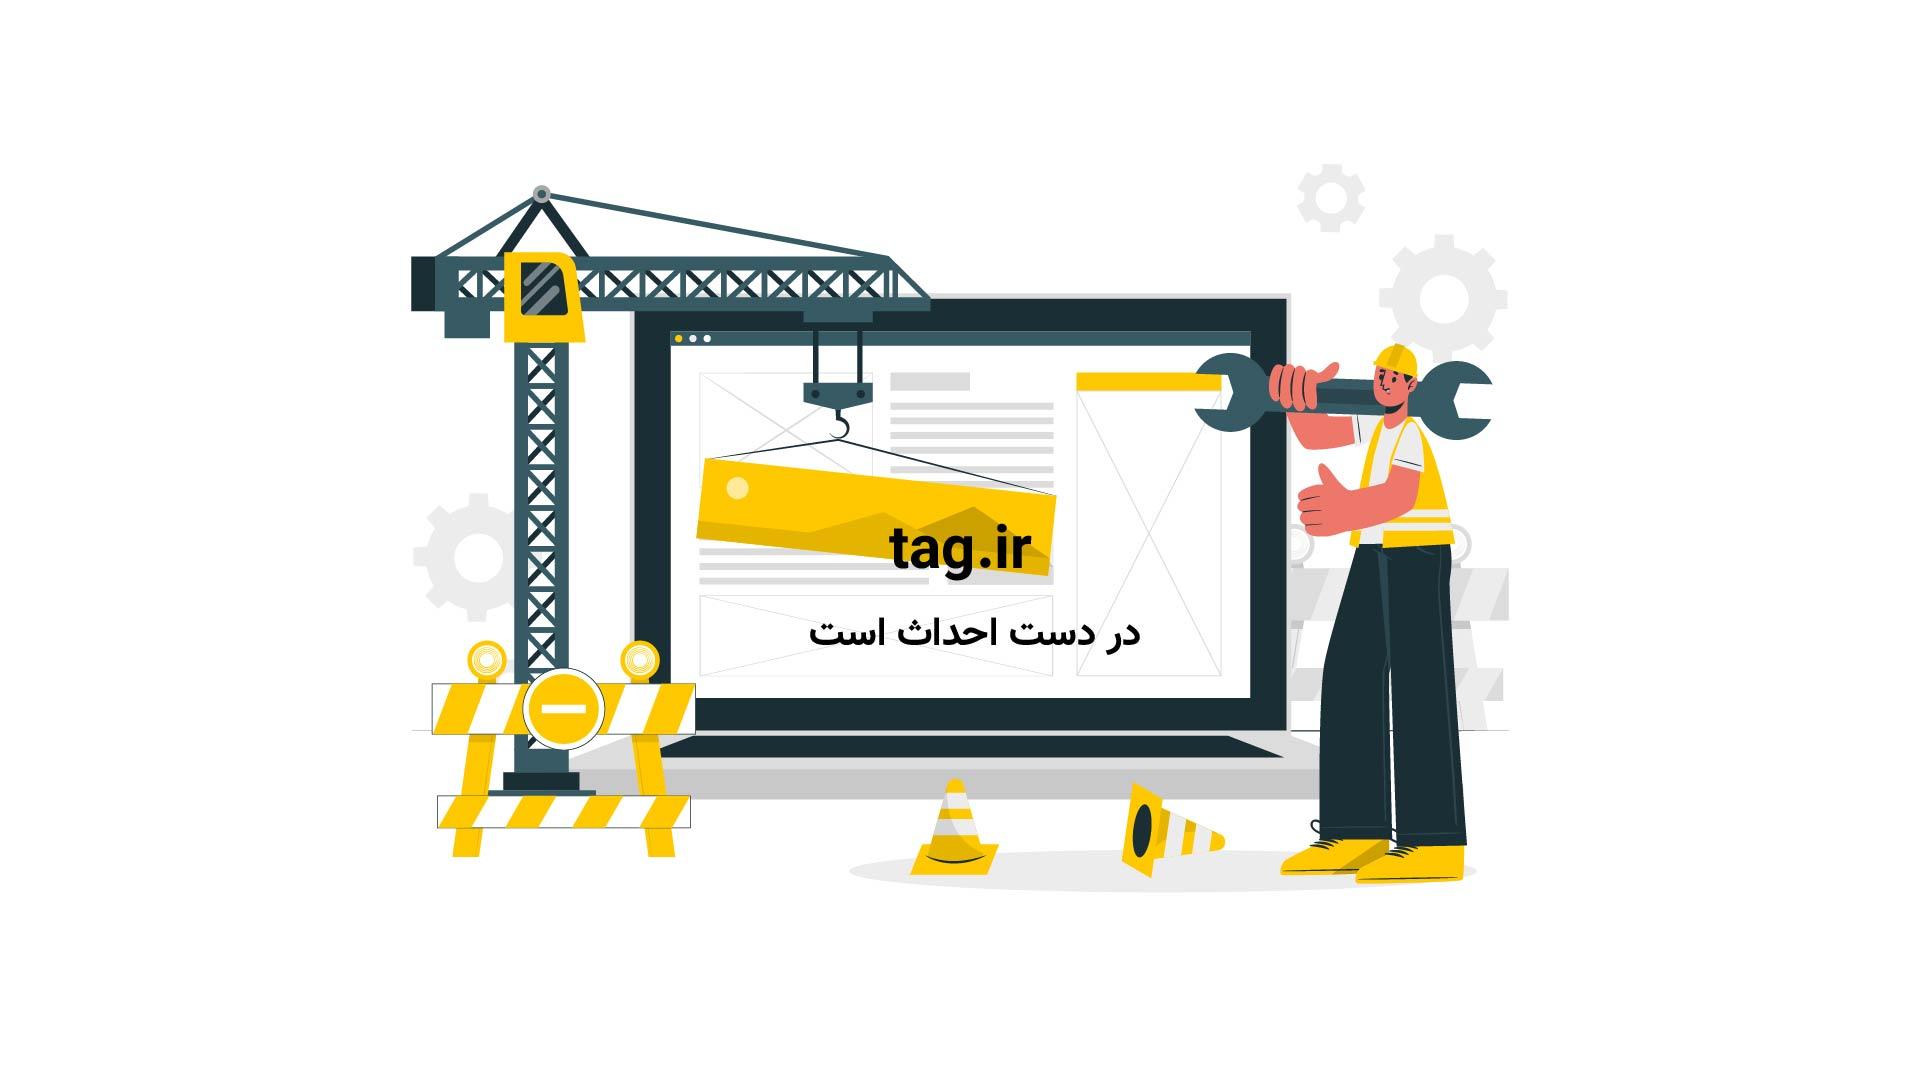 سخنرانی های تد؛ نقشهها و اطلاعاتی که میتوانند به صورت زنده ویرایش شوند | فیلم